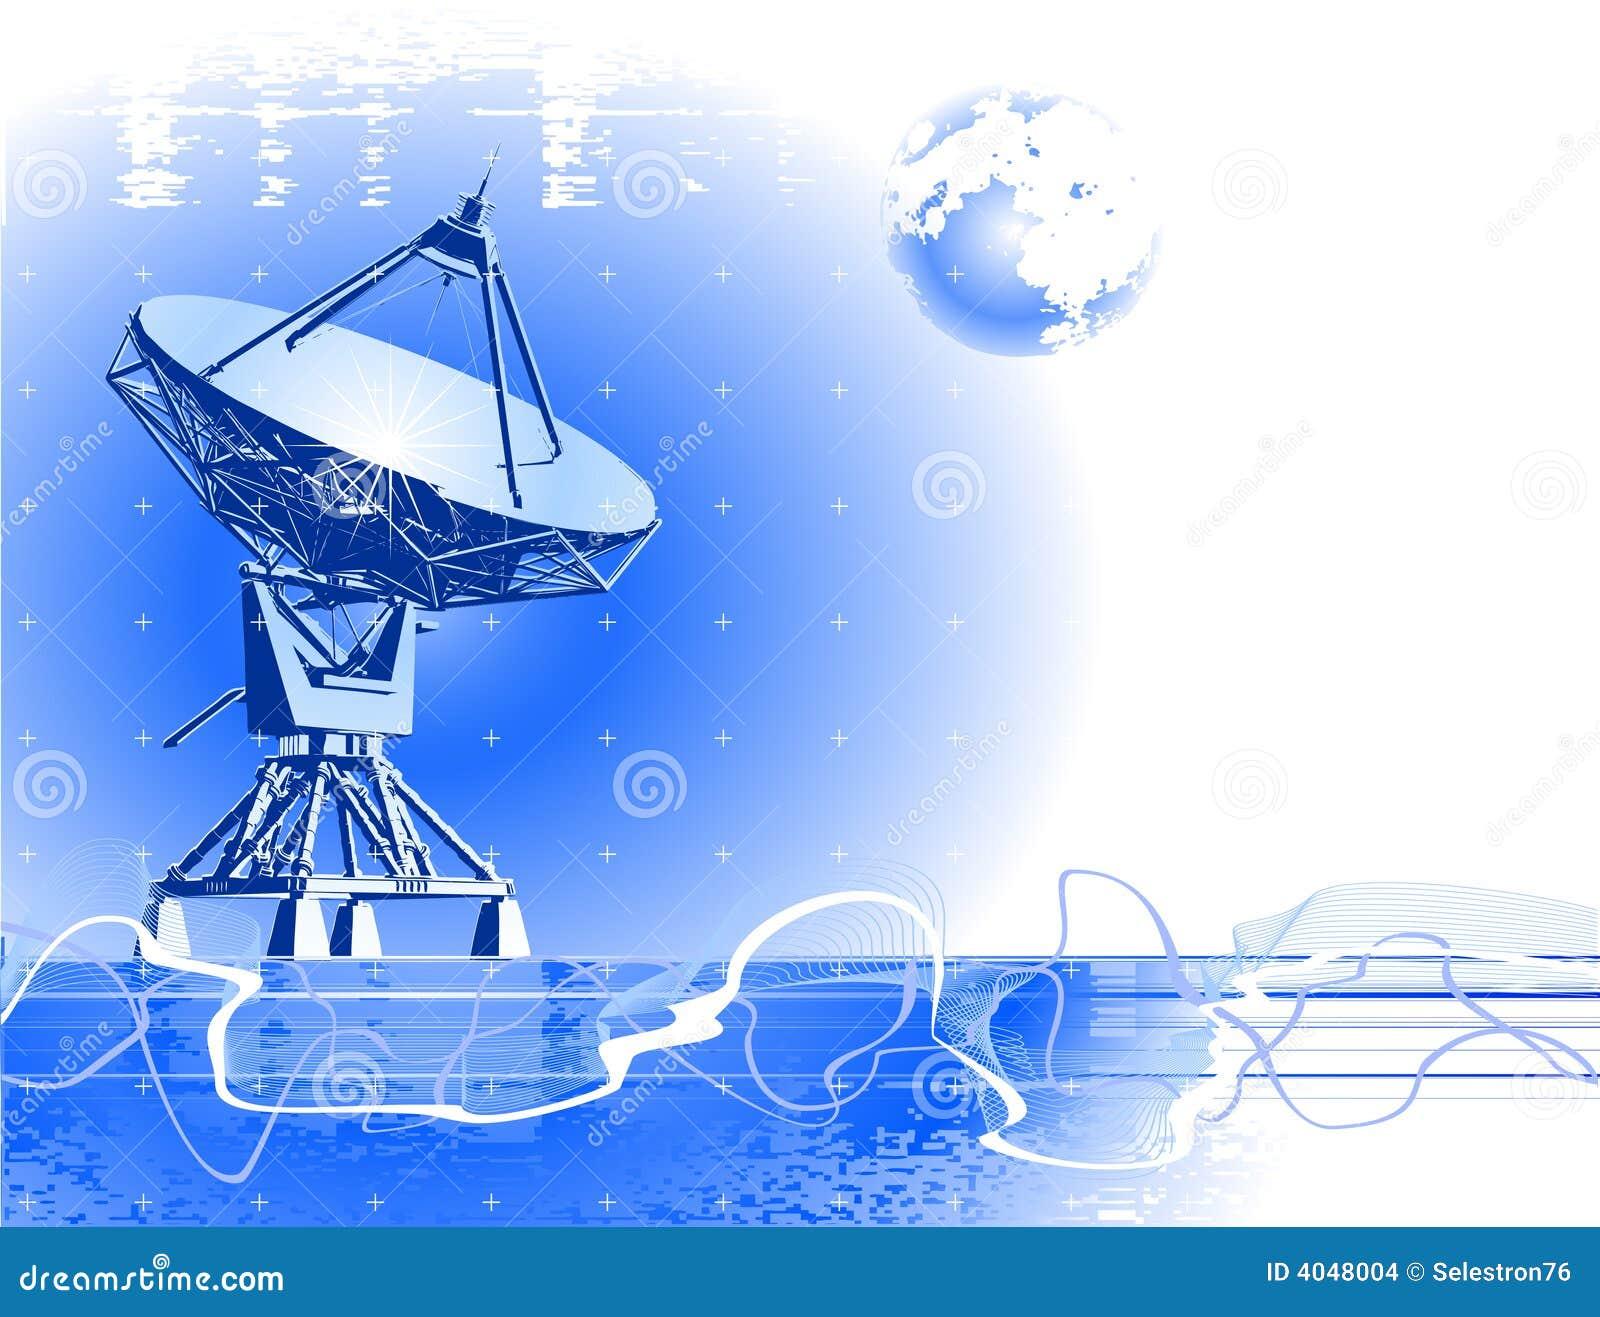 Satellitenschüsselantenne